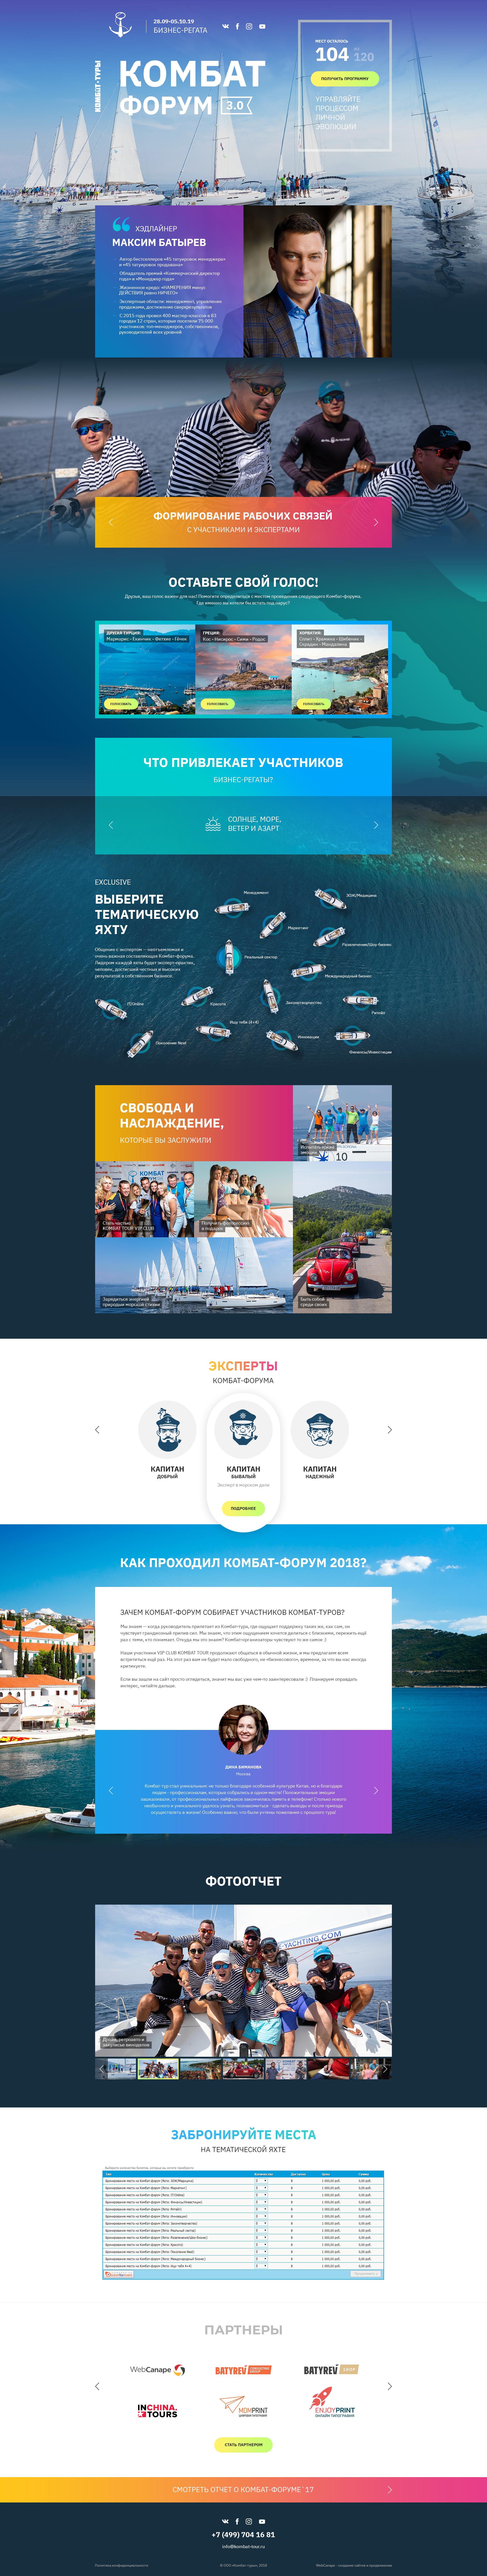 Разработка сайта для бизнес-регаты в 2019 году